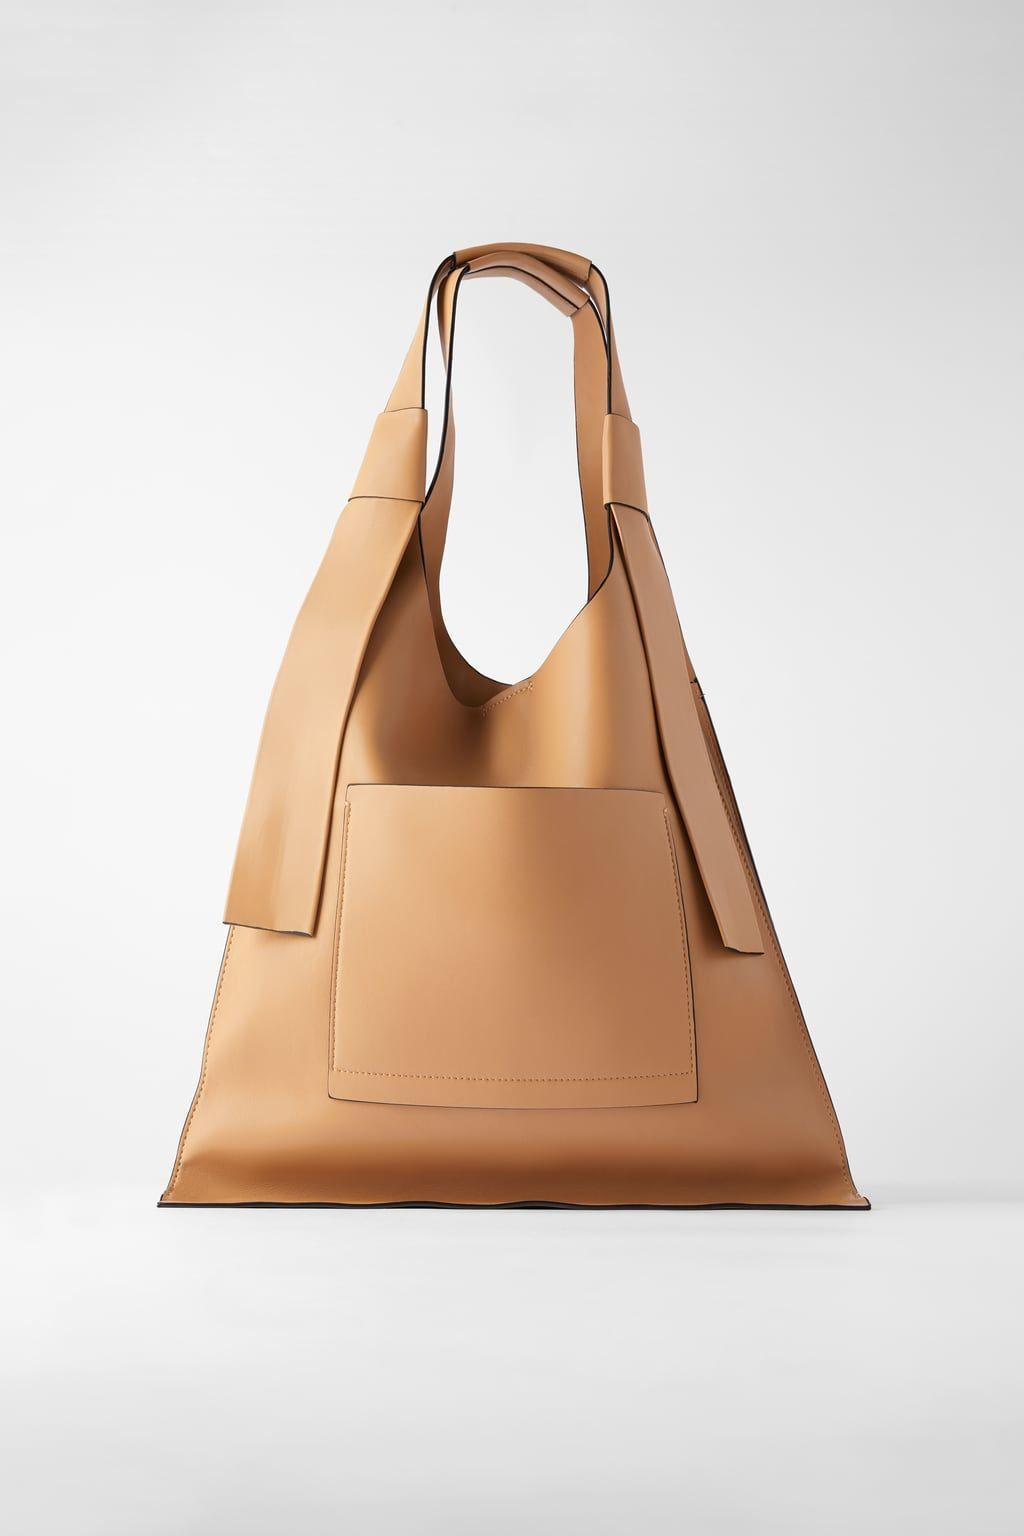 Flat Shopper Bag With Outer Pocket Shopper Bag Tote Bag